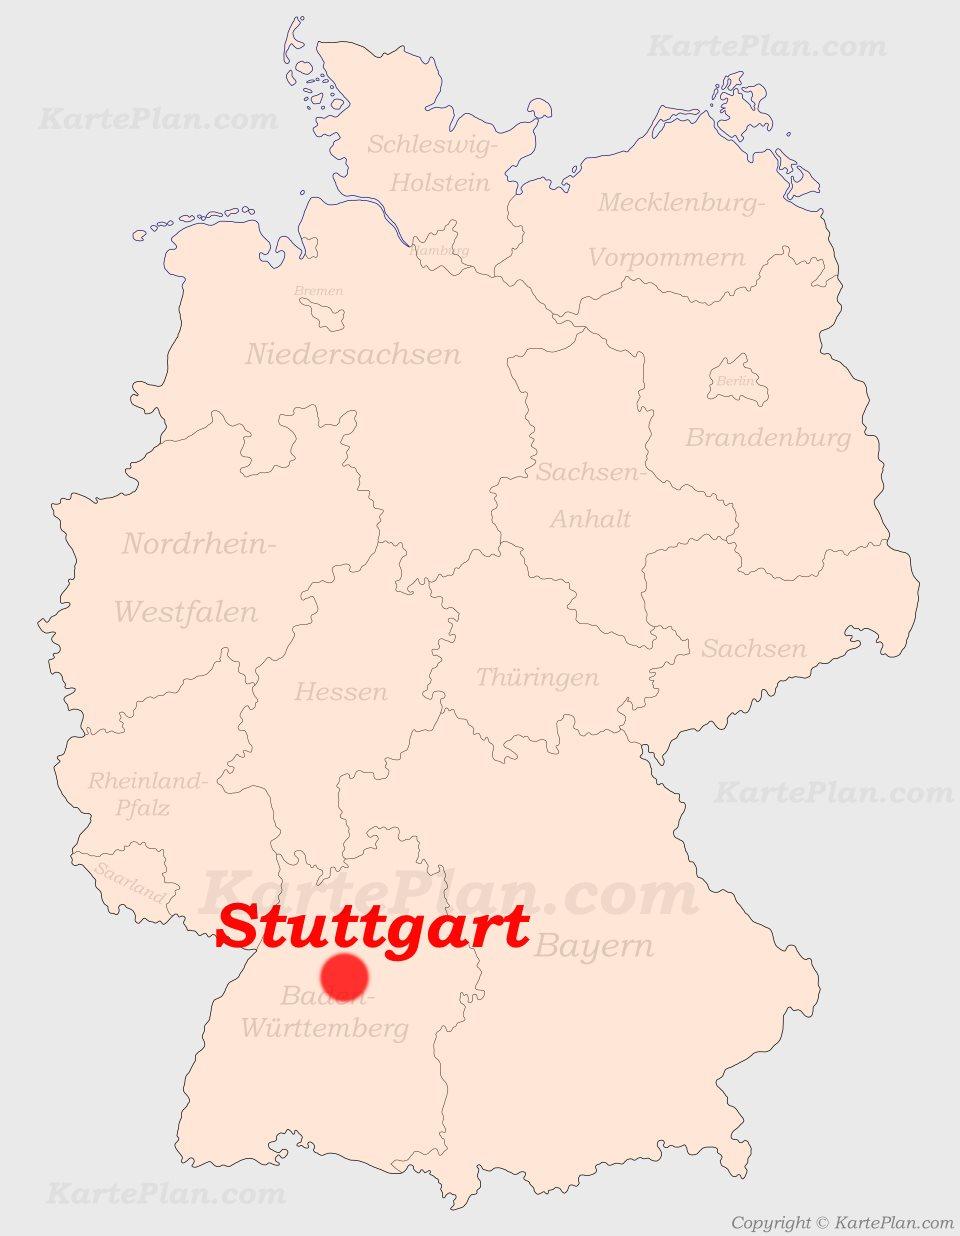 deutschland karte stuttgart Stuttgart auf der Deutschlandkarte